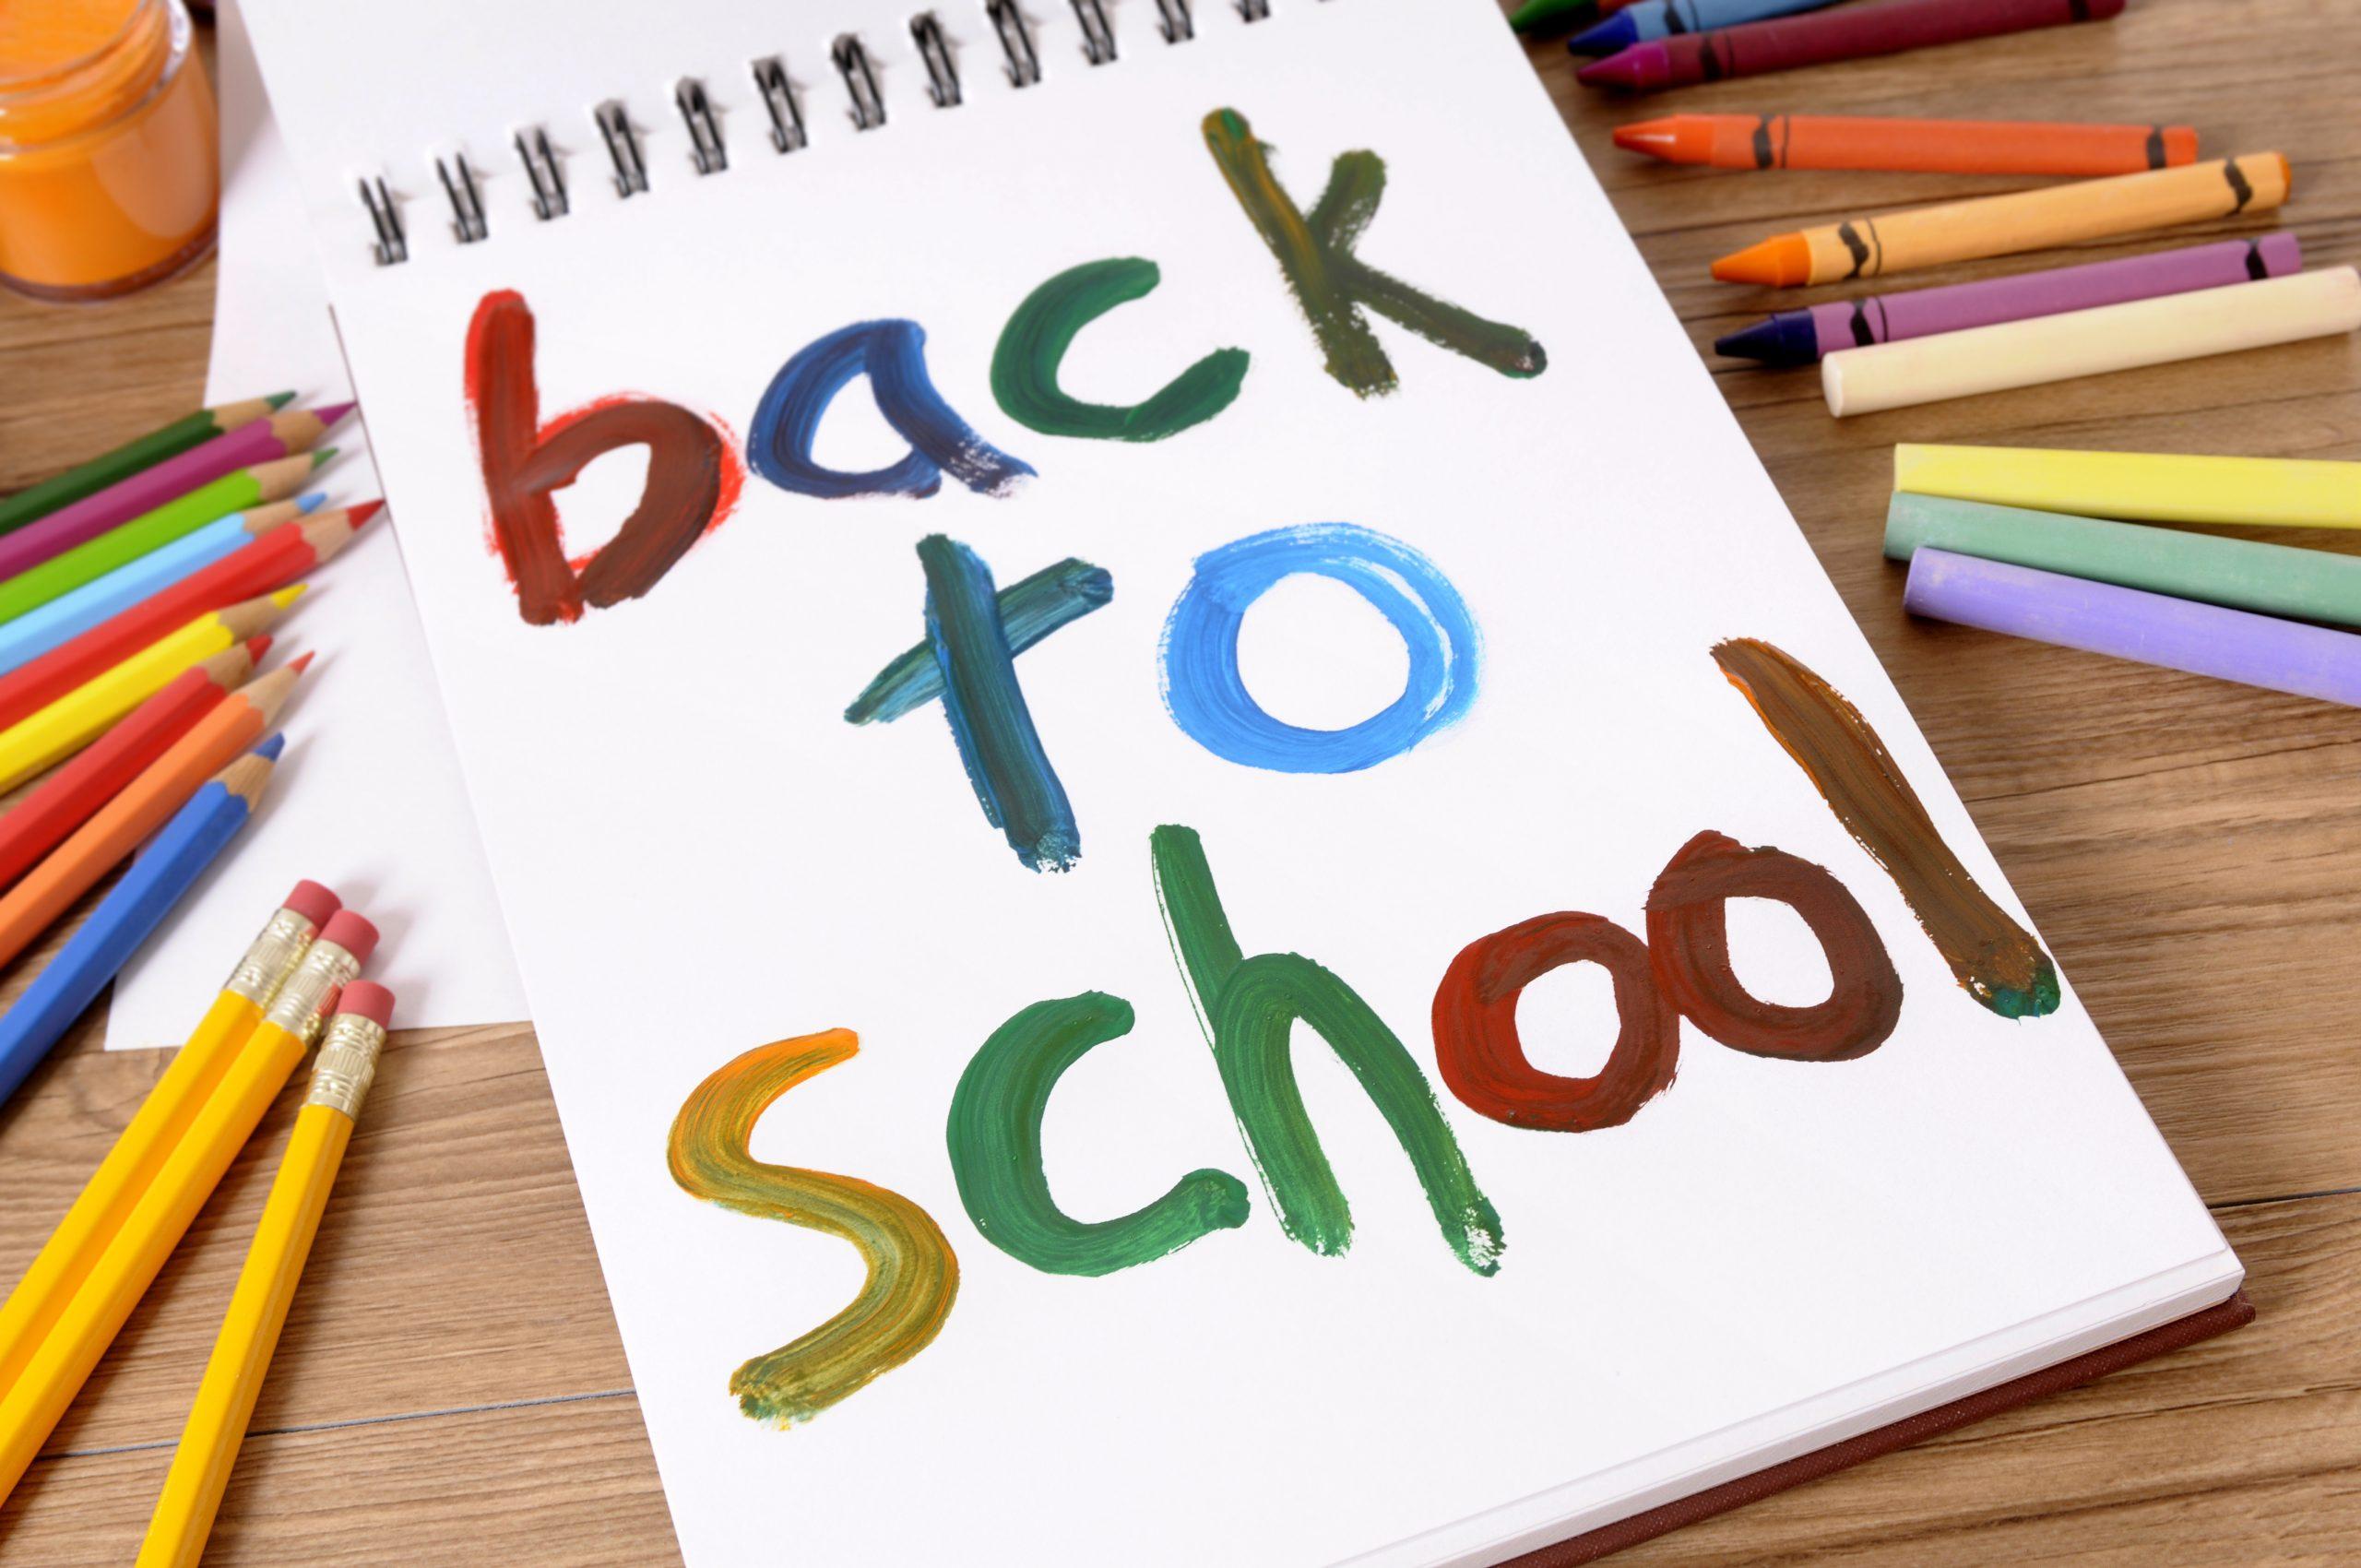 New2school online event